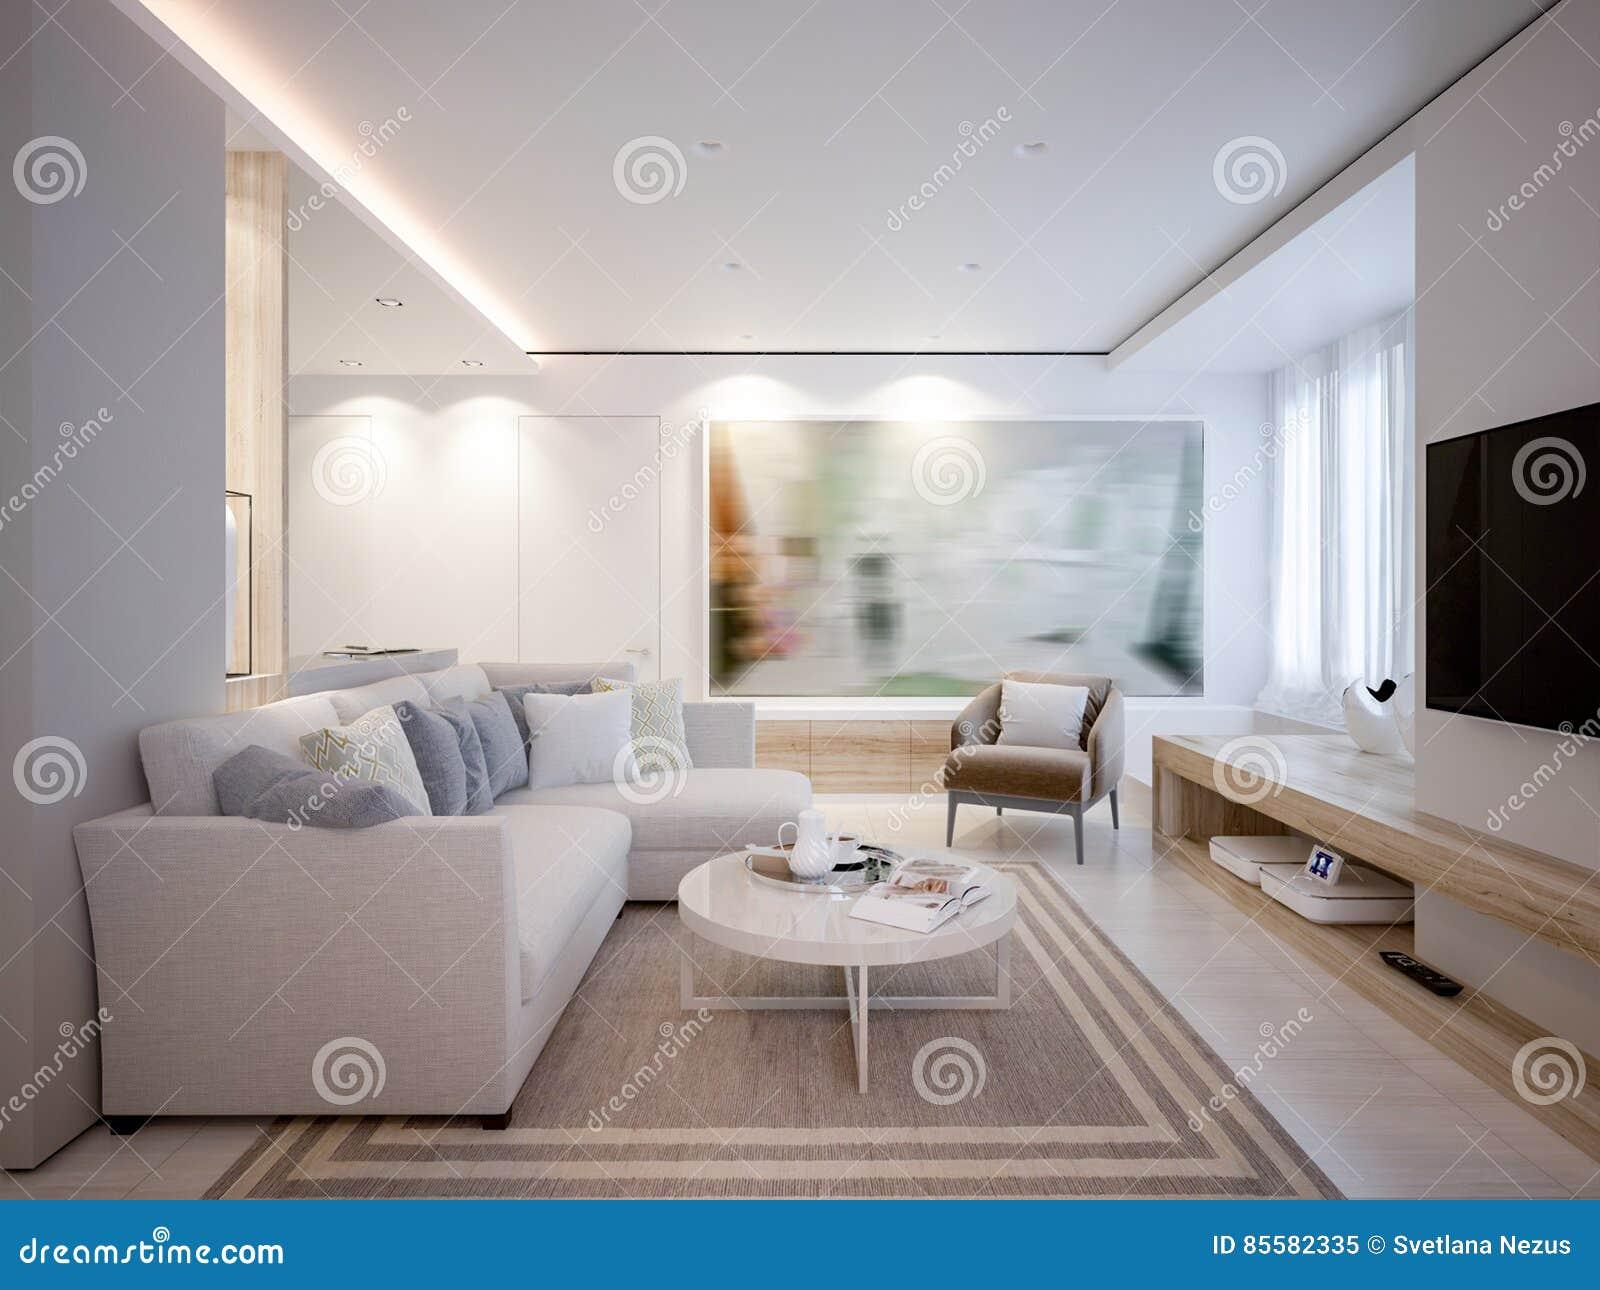 Vida aberta e sala de jantar da luz elegante e luxuoso